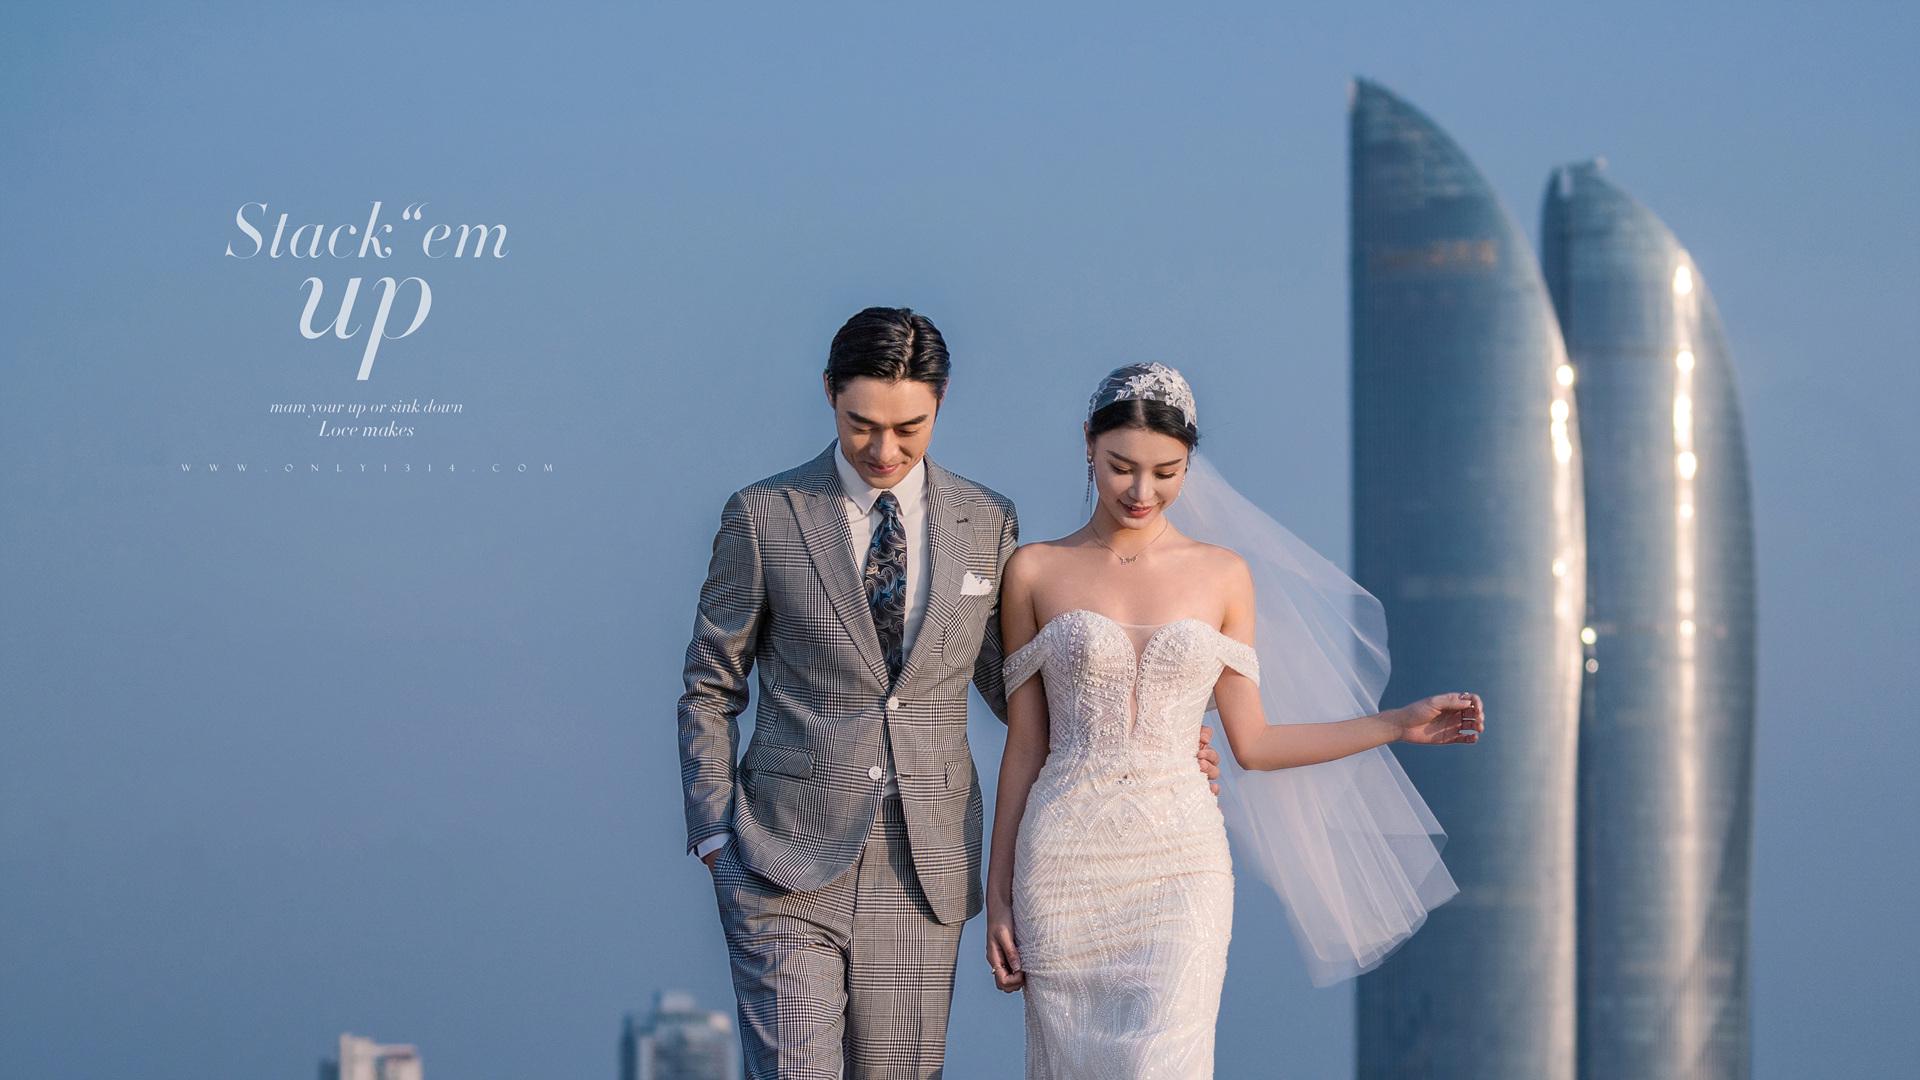 厦门鼓浪屿团购婚纱照如何?拍婚纱照需要带什么